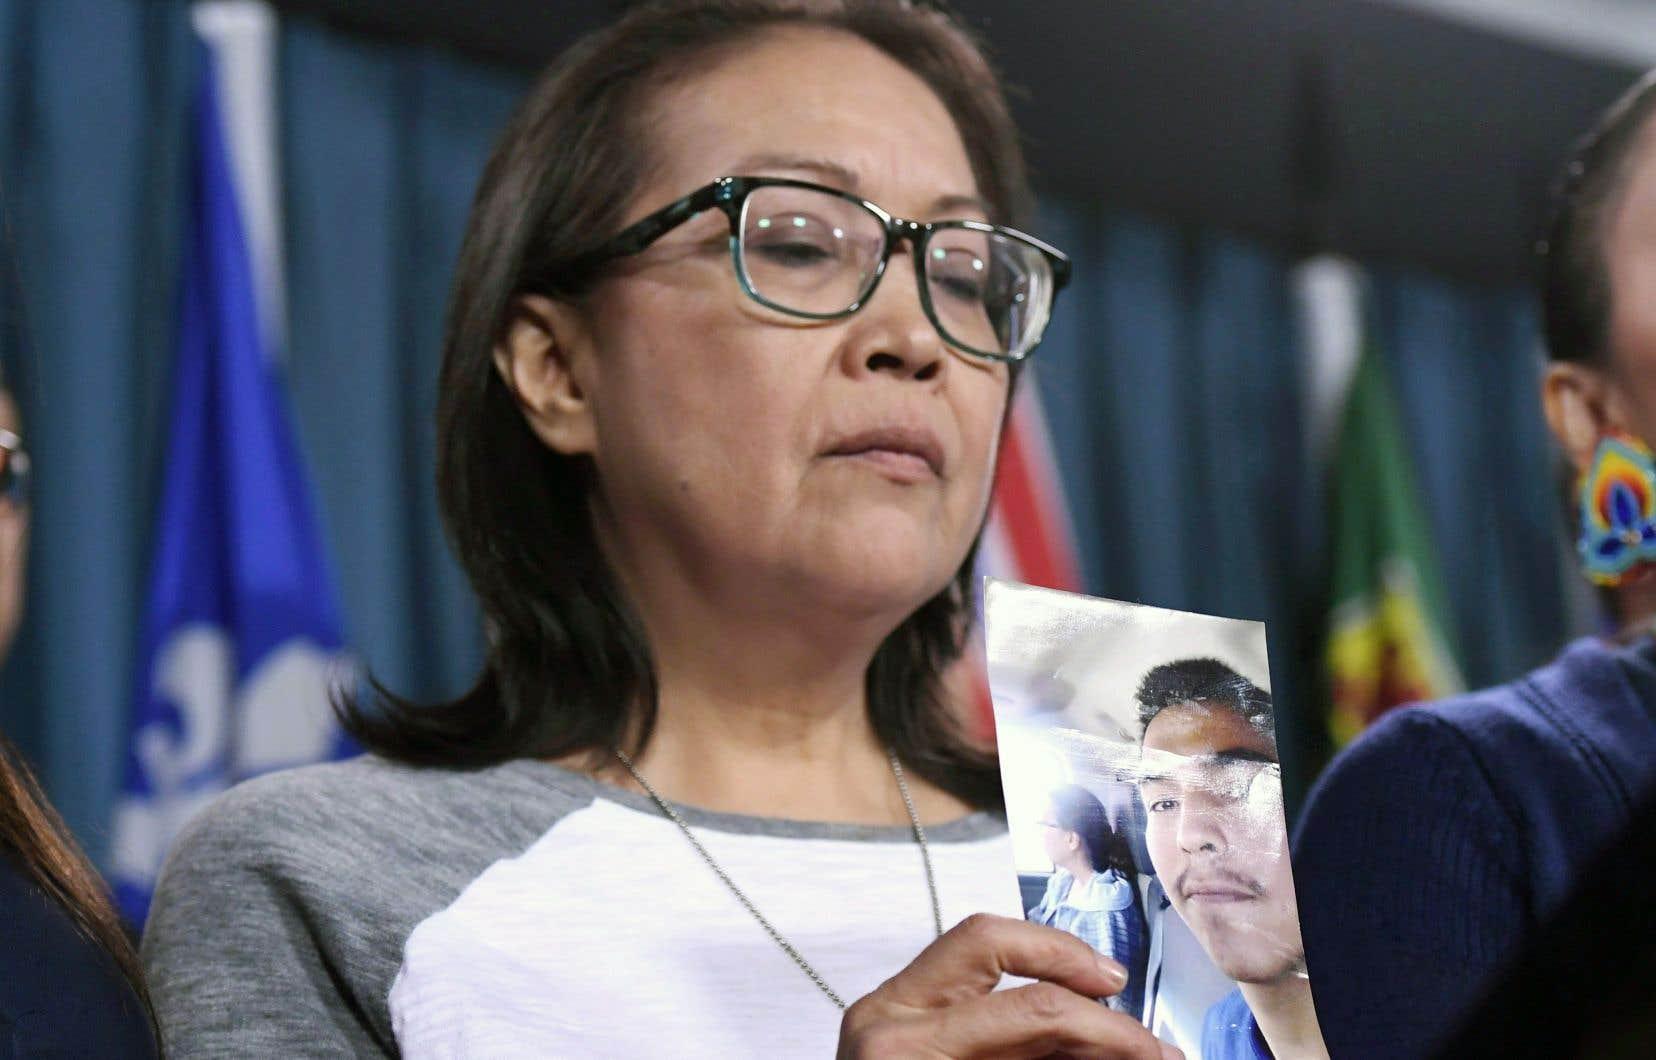 La mère de Colten Boushie, Debbie Baptiste, a montré une photo de son fils lors d'une conférence de presse le 14 février à Ottawa.